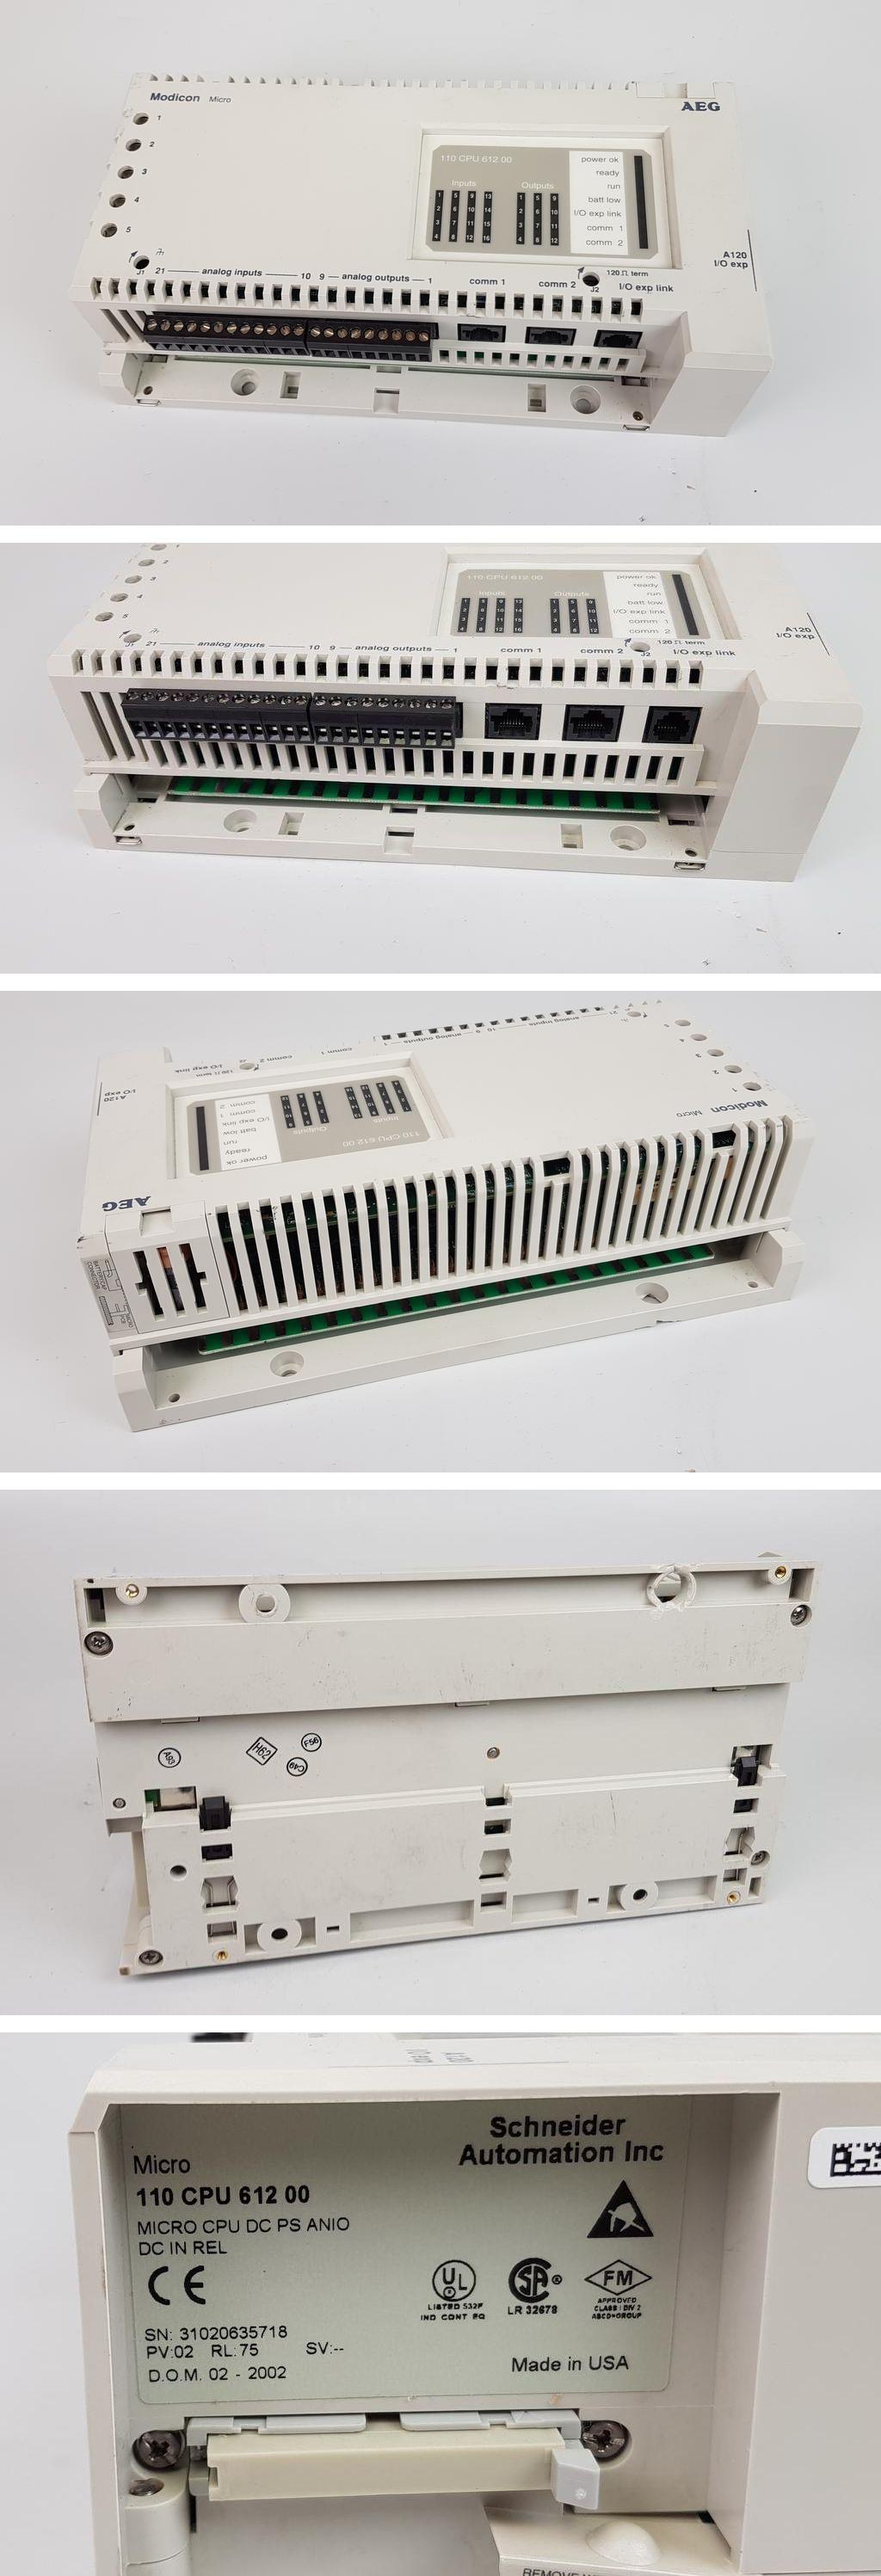 AEG Schneider 110CPU61200